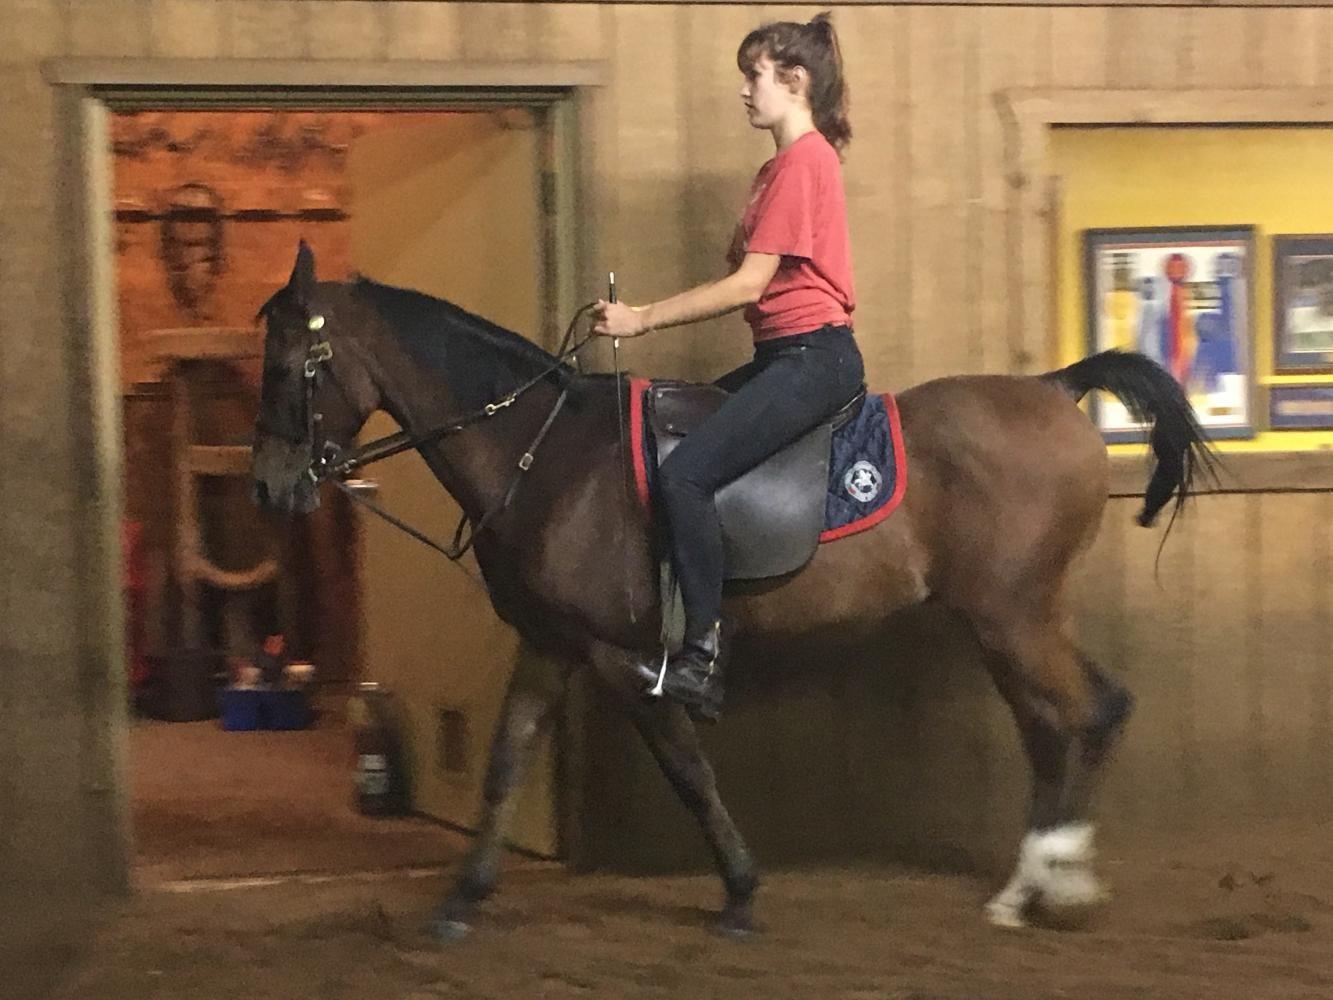 SADDLED+UP.+Soph%2Core+horse+racer+Alessandra+Costalonga+rides+around+on+her+horse.+%22I%27ve+always+loved+horses+since+I+was+little%2C%22+Costalonga+said.+